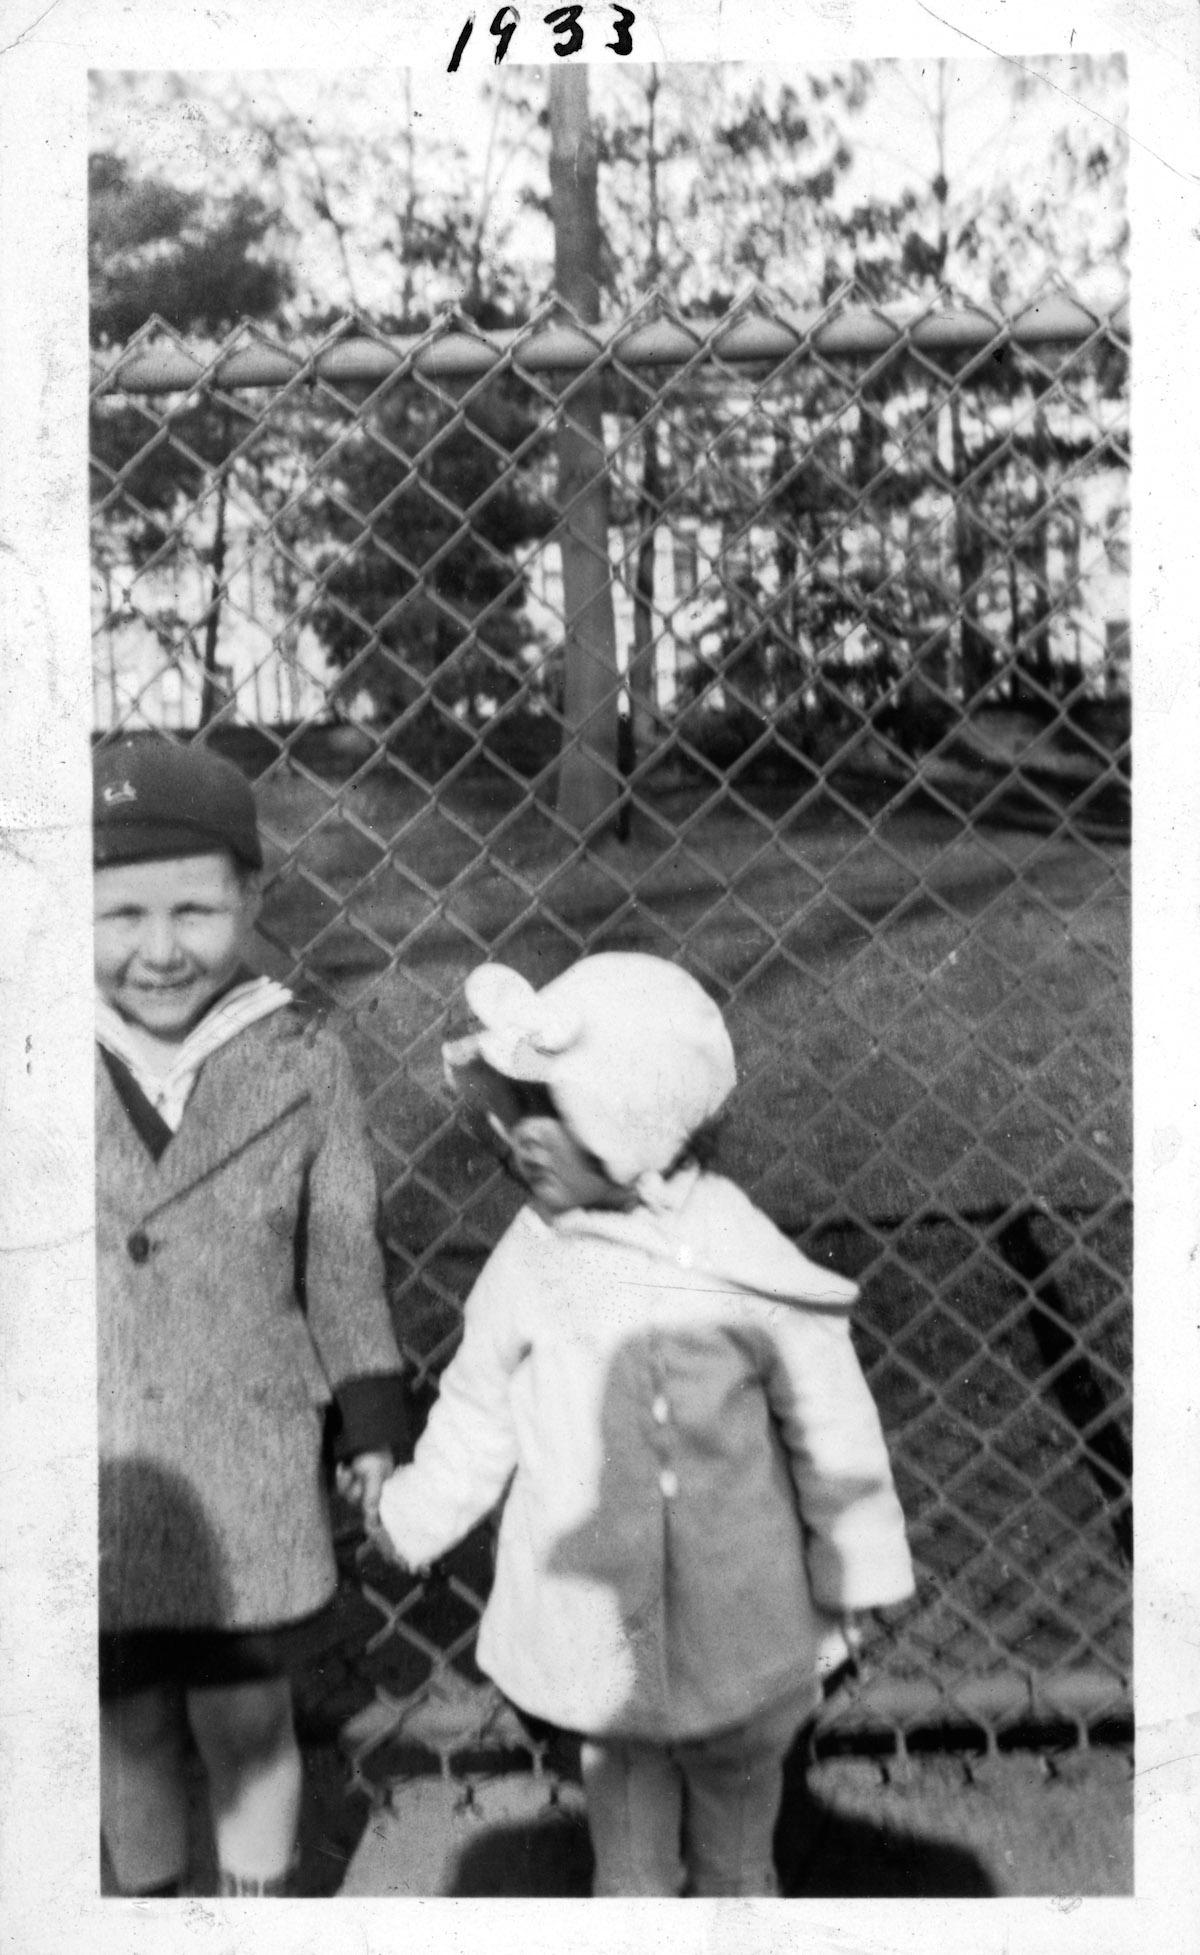 Edmund Strauber and Pearl Schekman, 1933